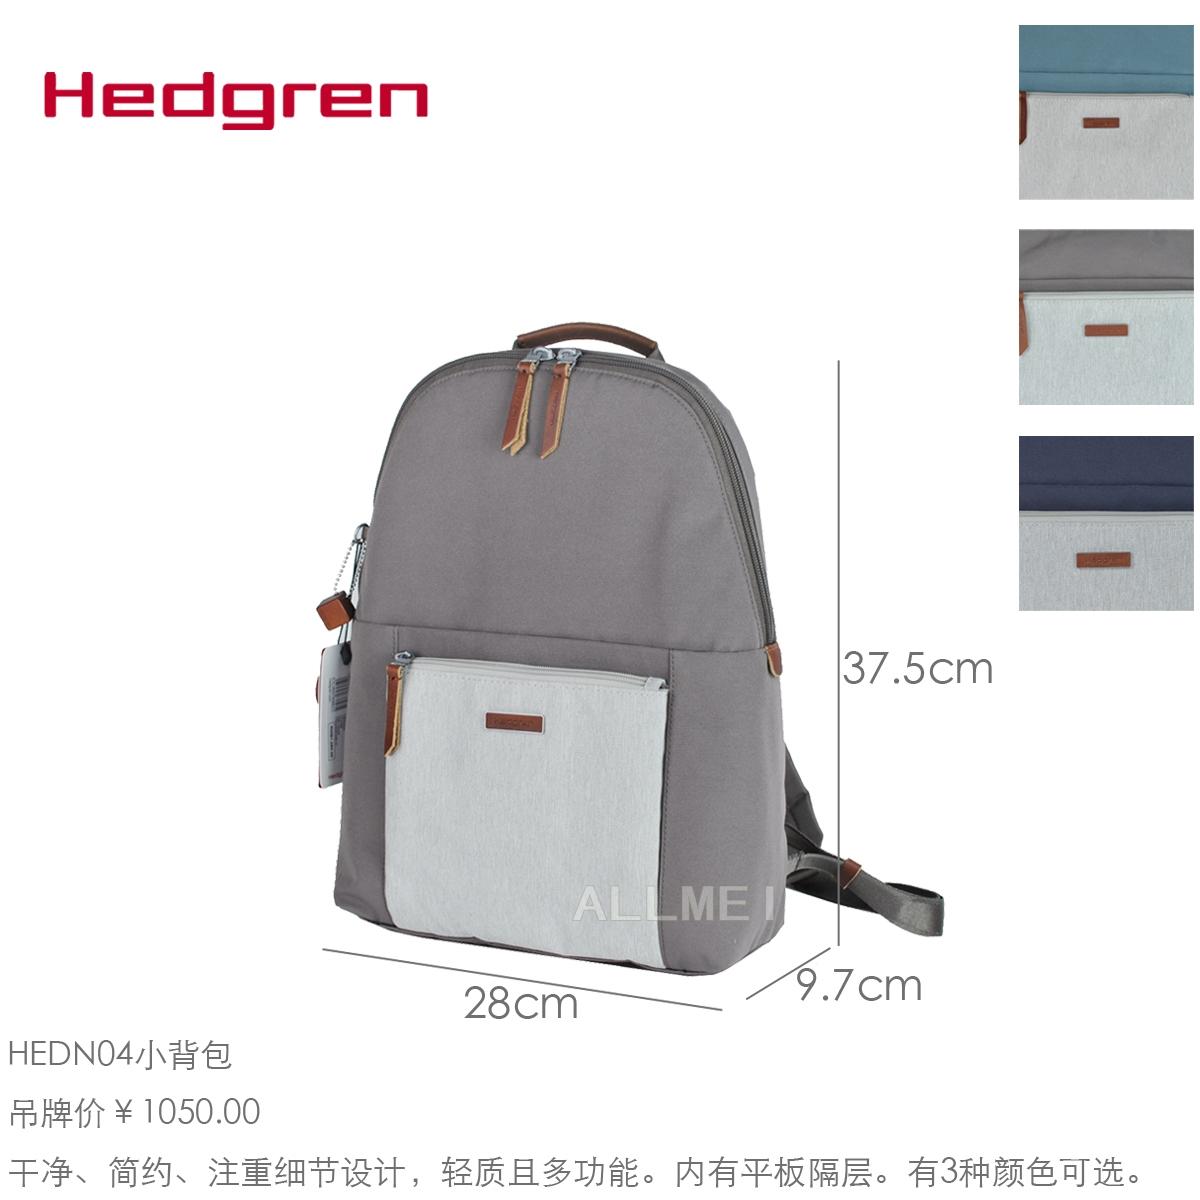 国内代购▲Hedgren海格林HEDN04小双肩包背包28*37专柜正品